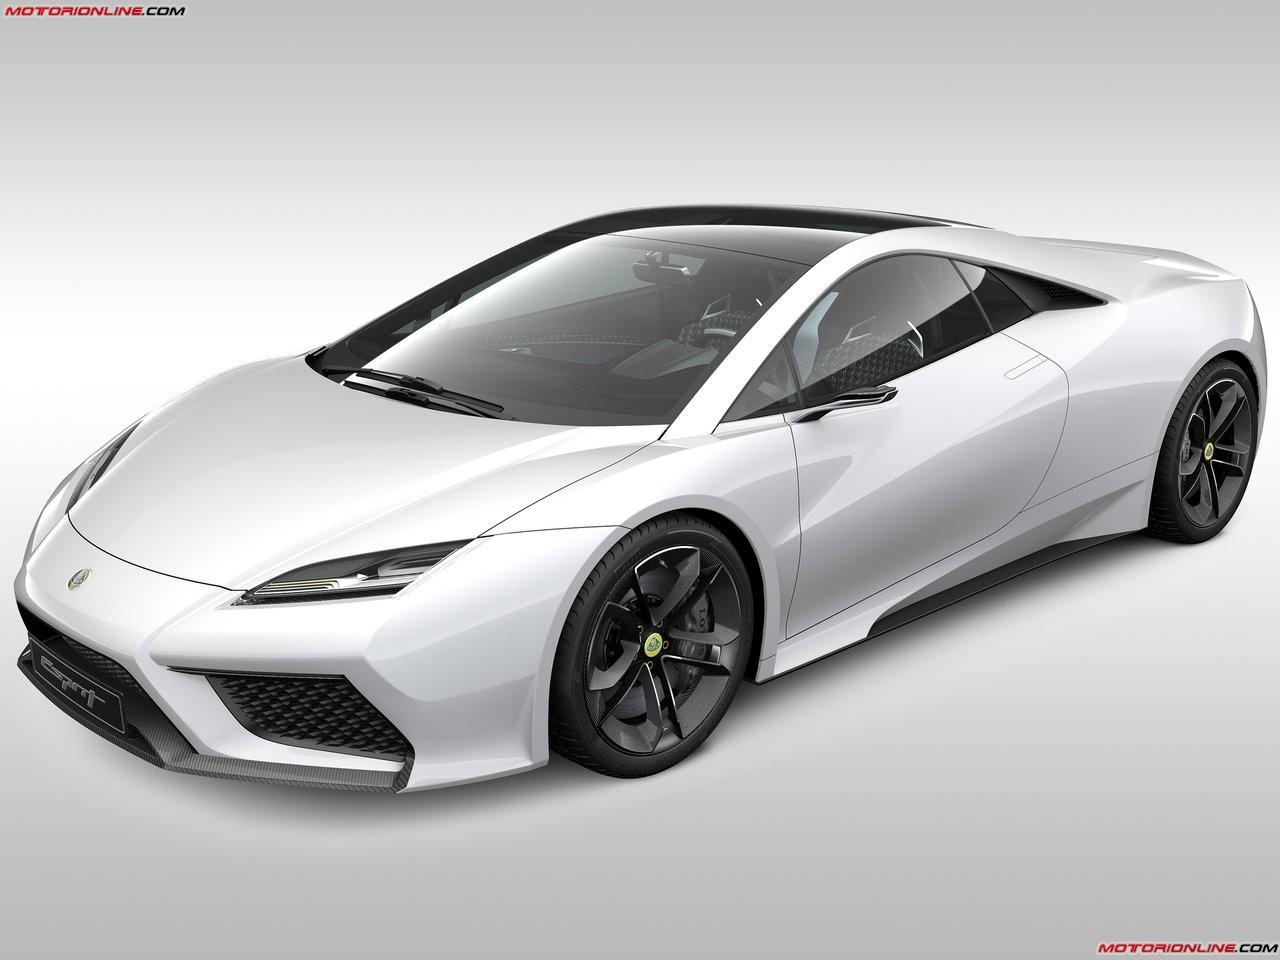 Lotus Esprit R 2014 Lotus-esprit_concept_2010_006